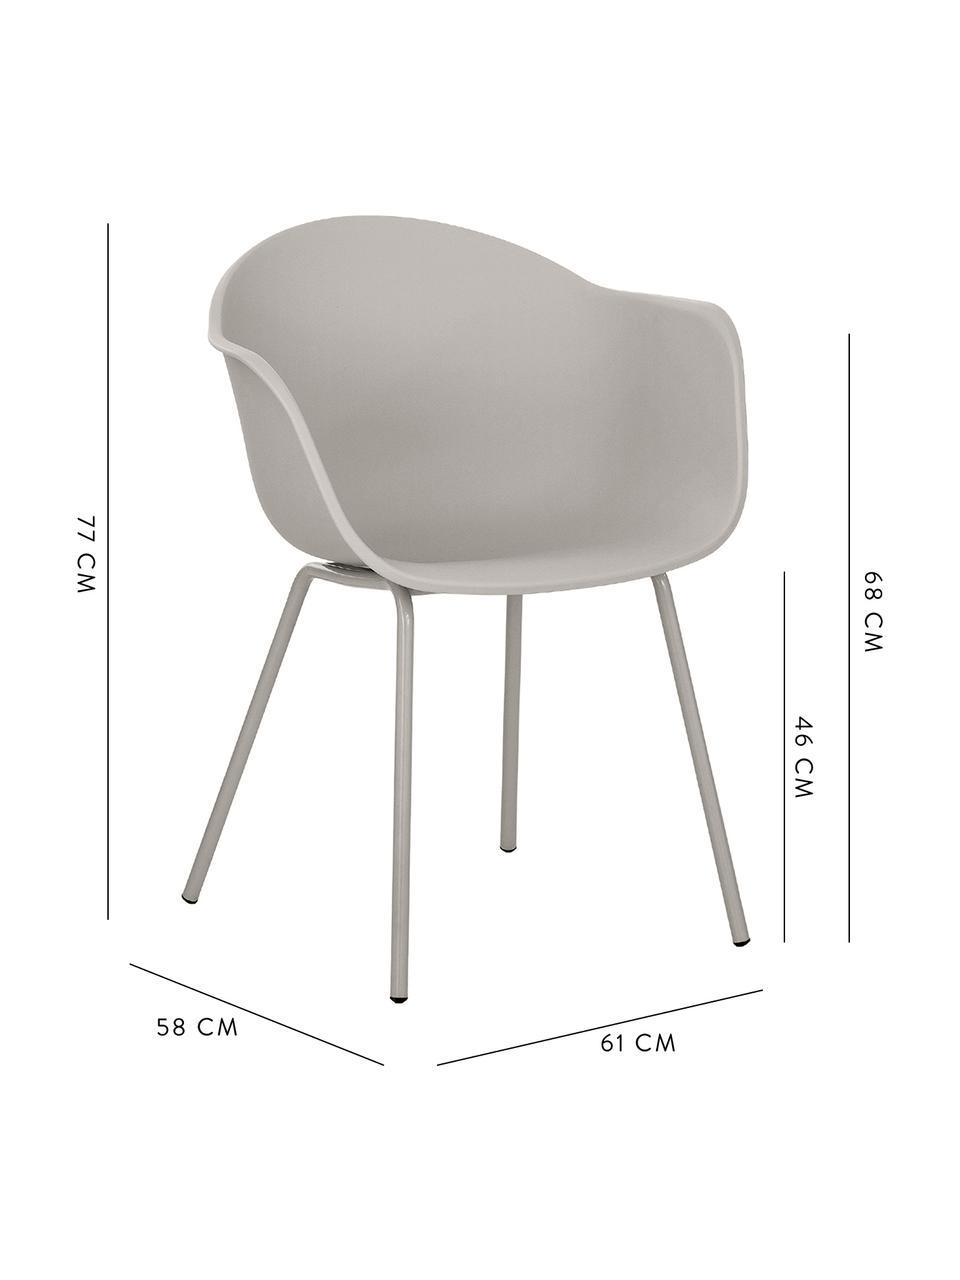 Kunststoff-Armlehnstuhl Claire mit Metallbeinen, Sitzschale: Kunststoff, Beine: Metall, pulverbeschichtet, Beigegrau, B 60 x T 54 cm